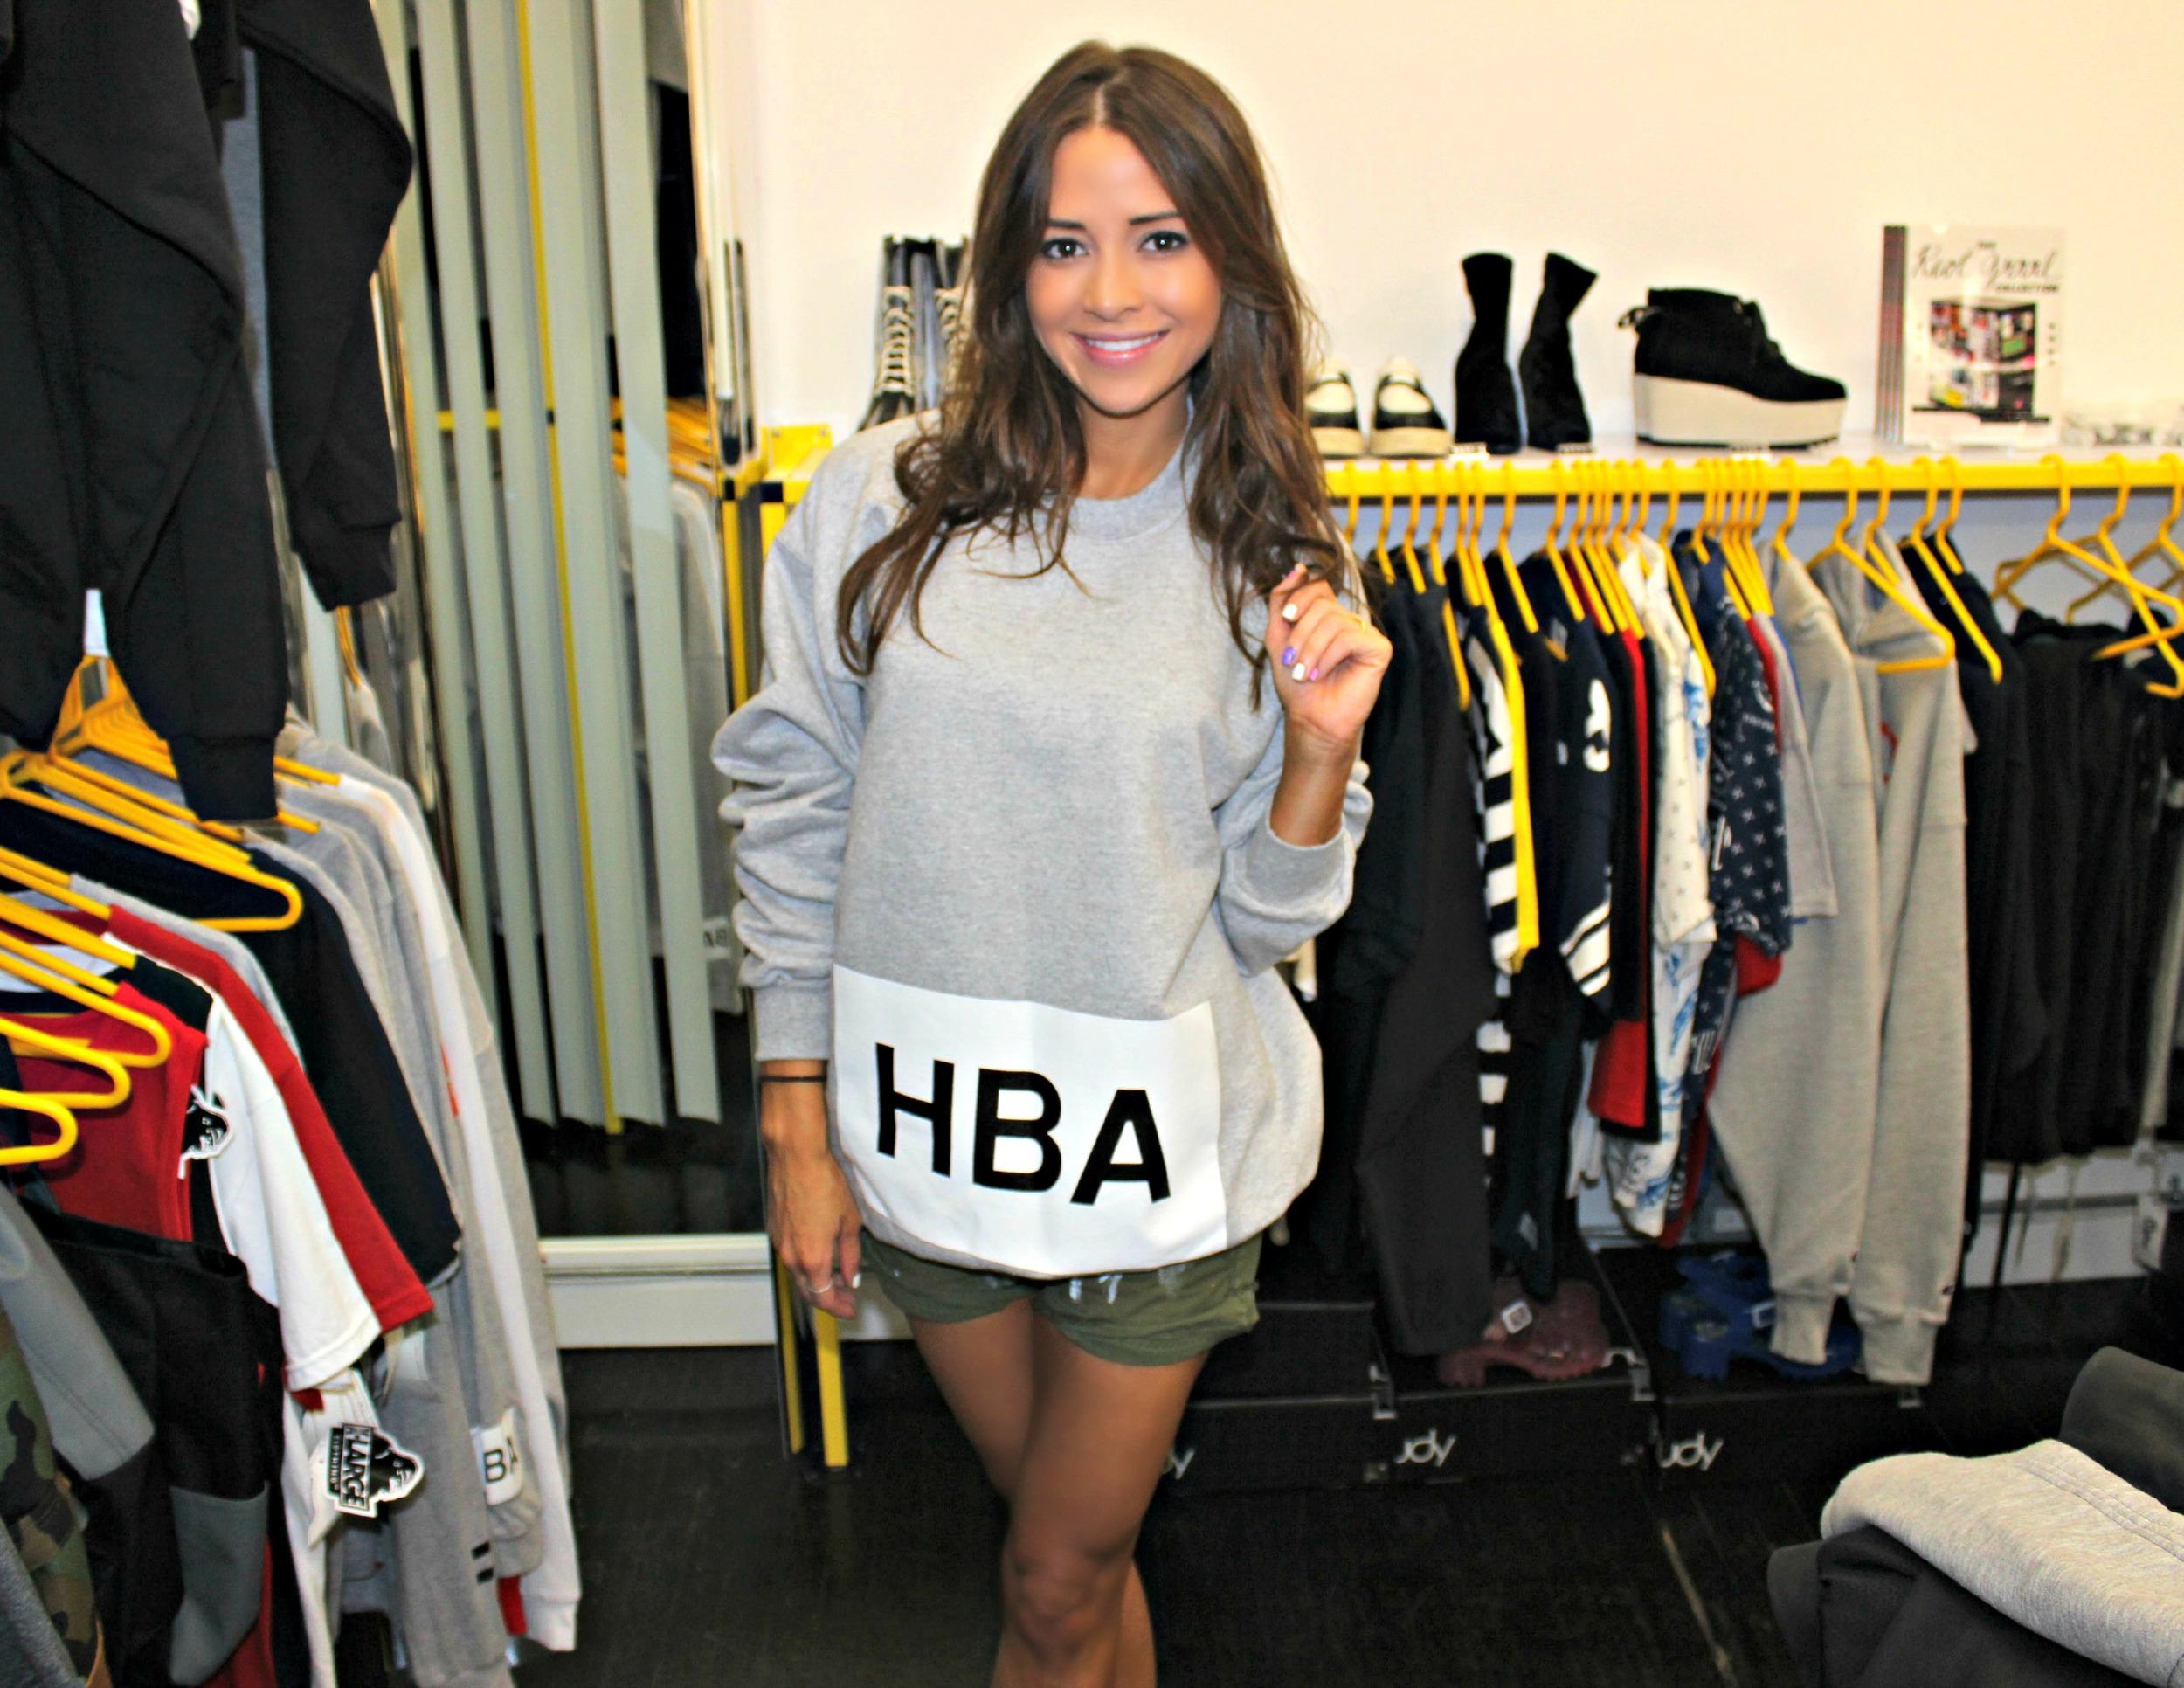 hba-bling-ring